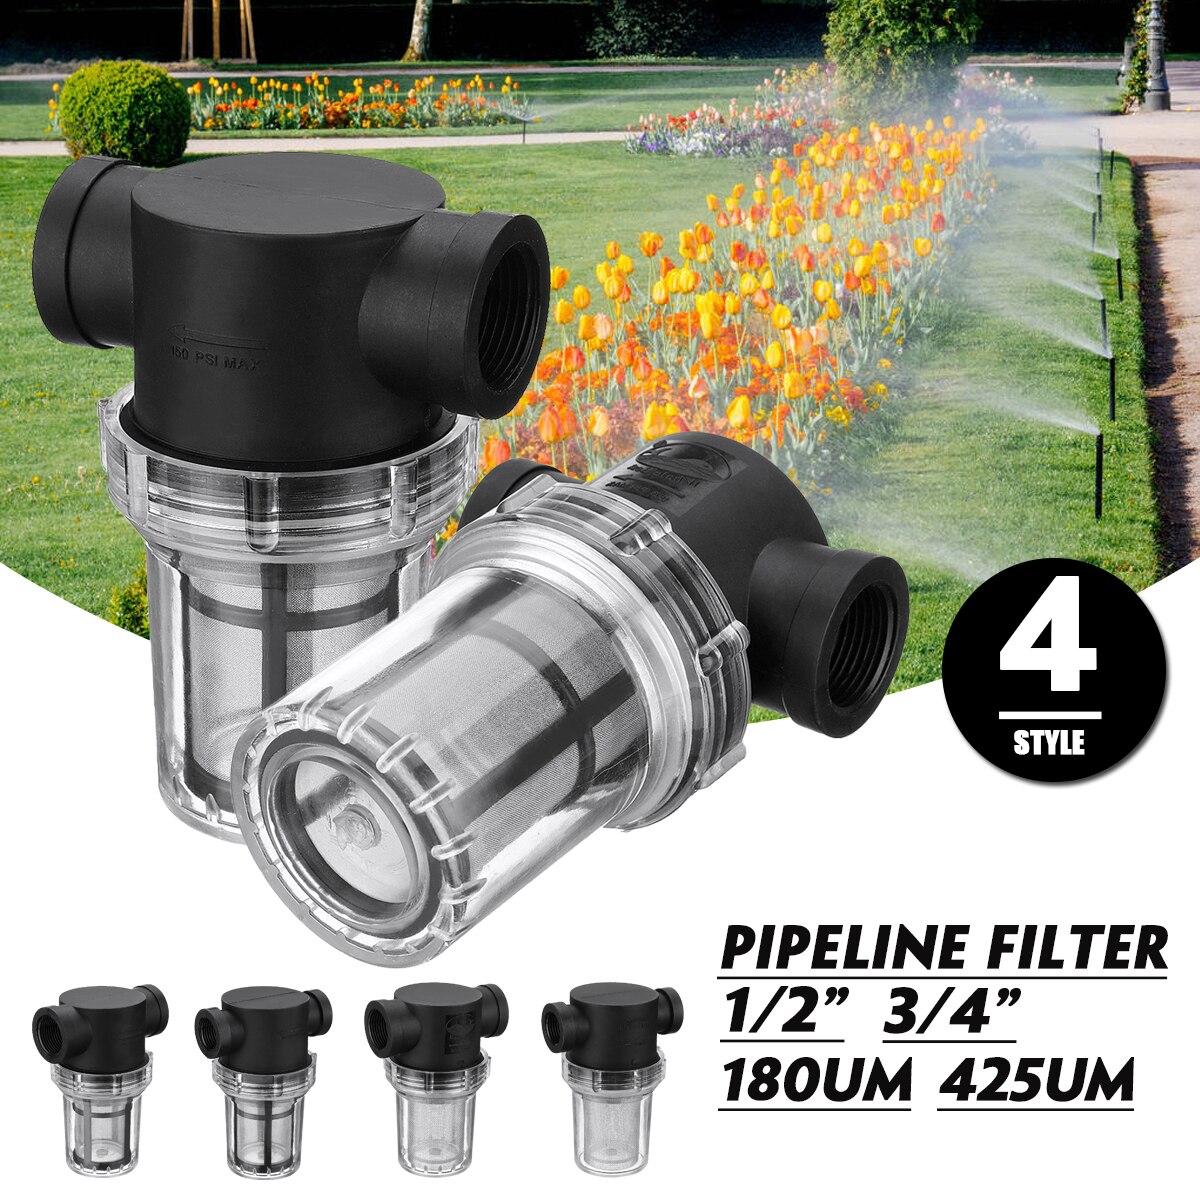 1 ud. estanque unids de jardín 1/4 pulgadas 3/4 pulgadas filtro de red en línea Filtro de bomba de agua Filtro de tubería de riego de alto flujo